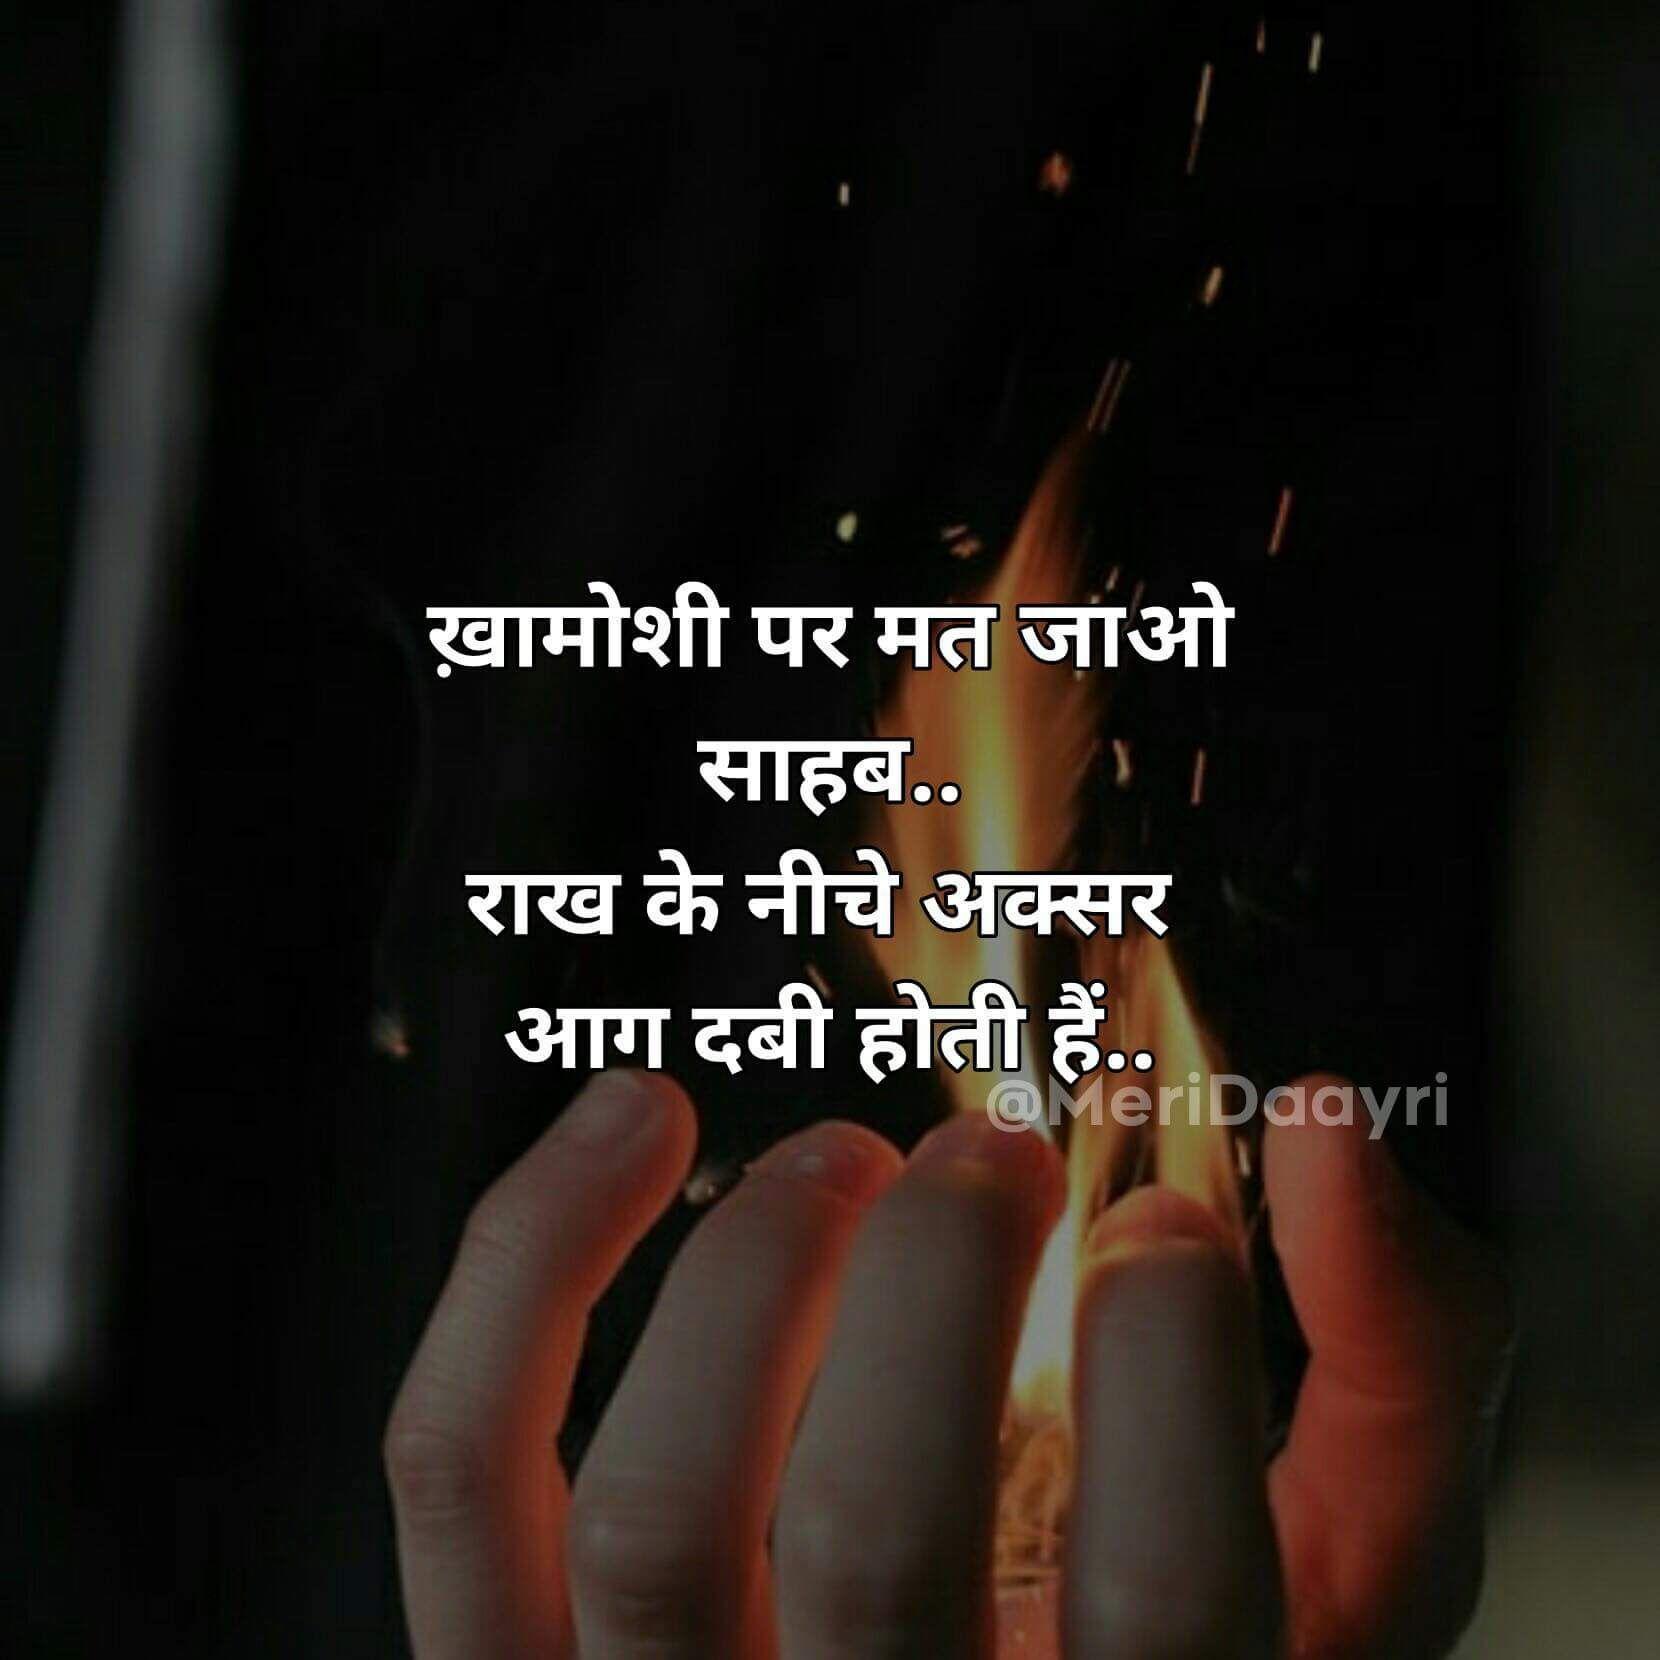 Attitude Motivational Quotes In Hindi: Hindi Quotes, Quotes, Hindi Qoutes